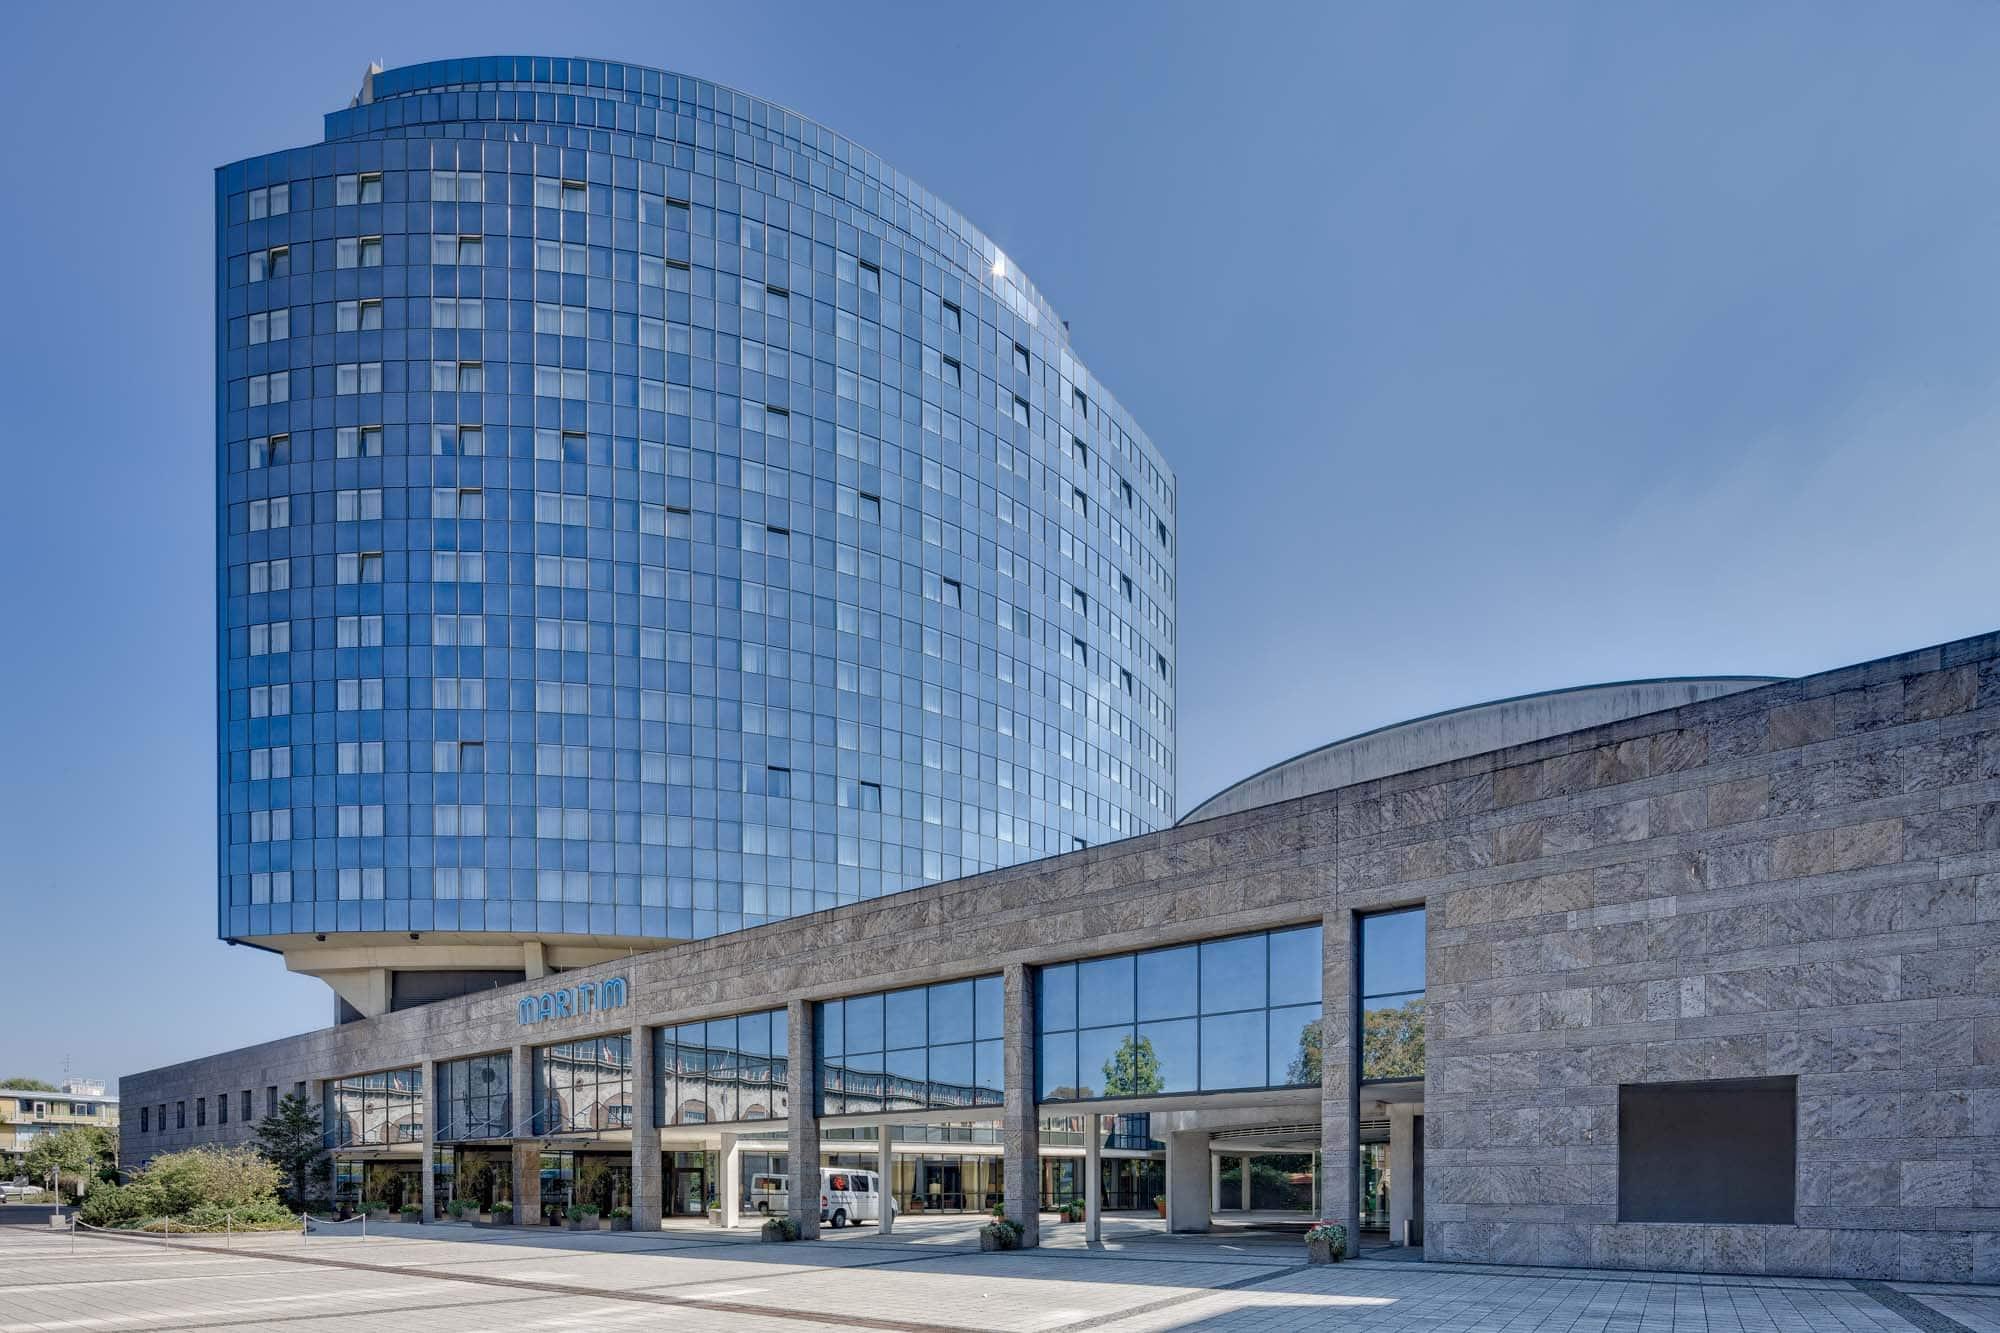 Architekturfoto vom Hotel Maritim in Ulm